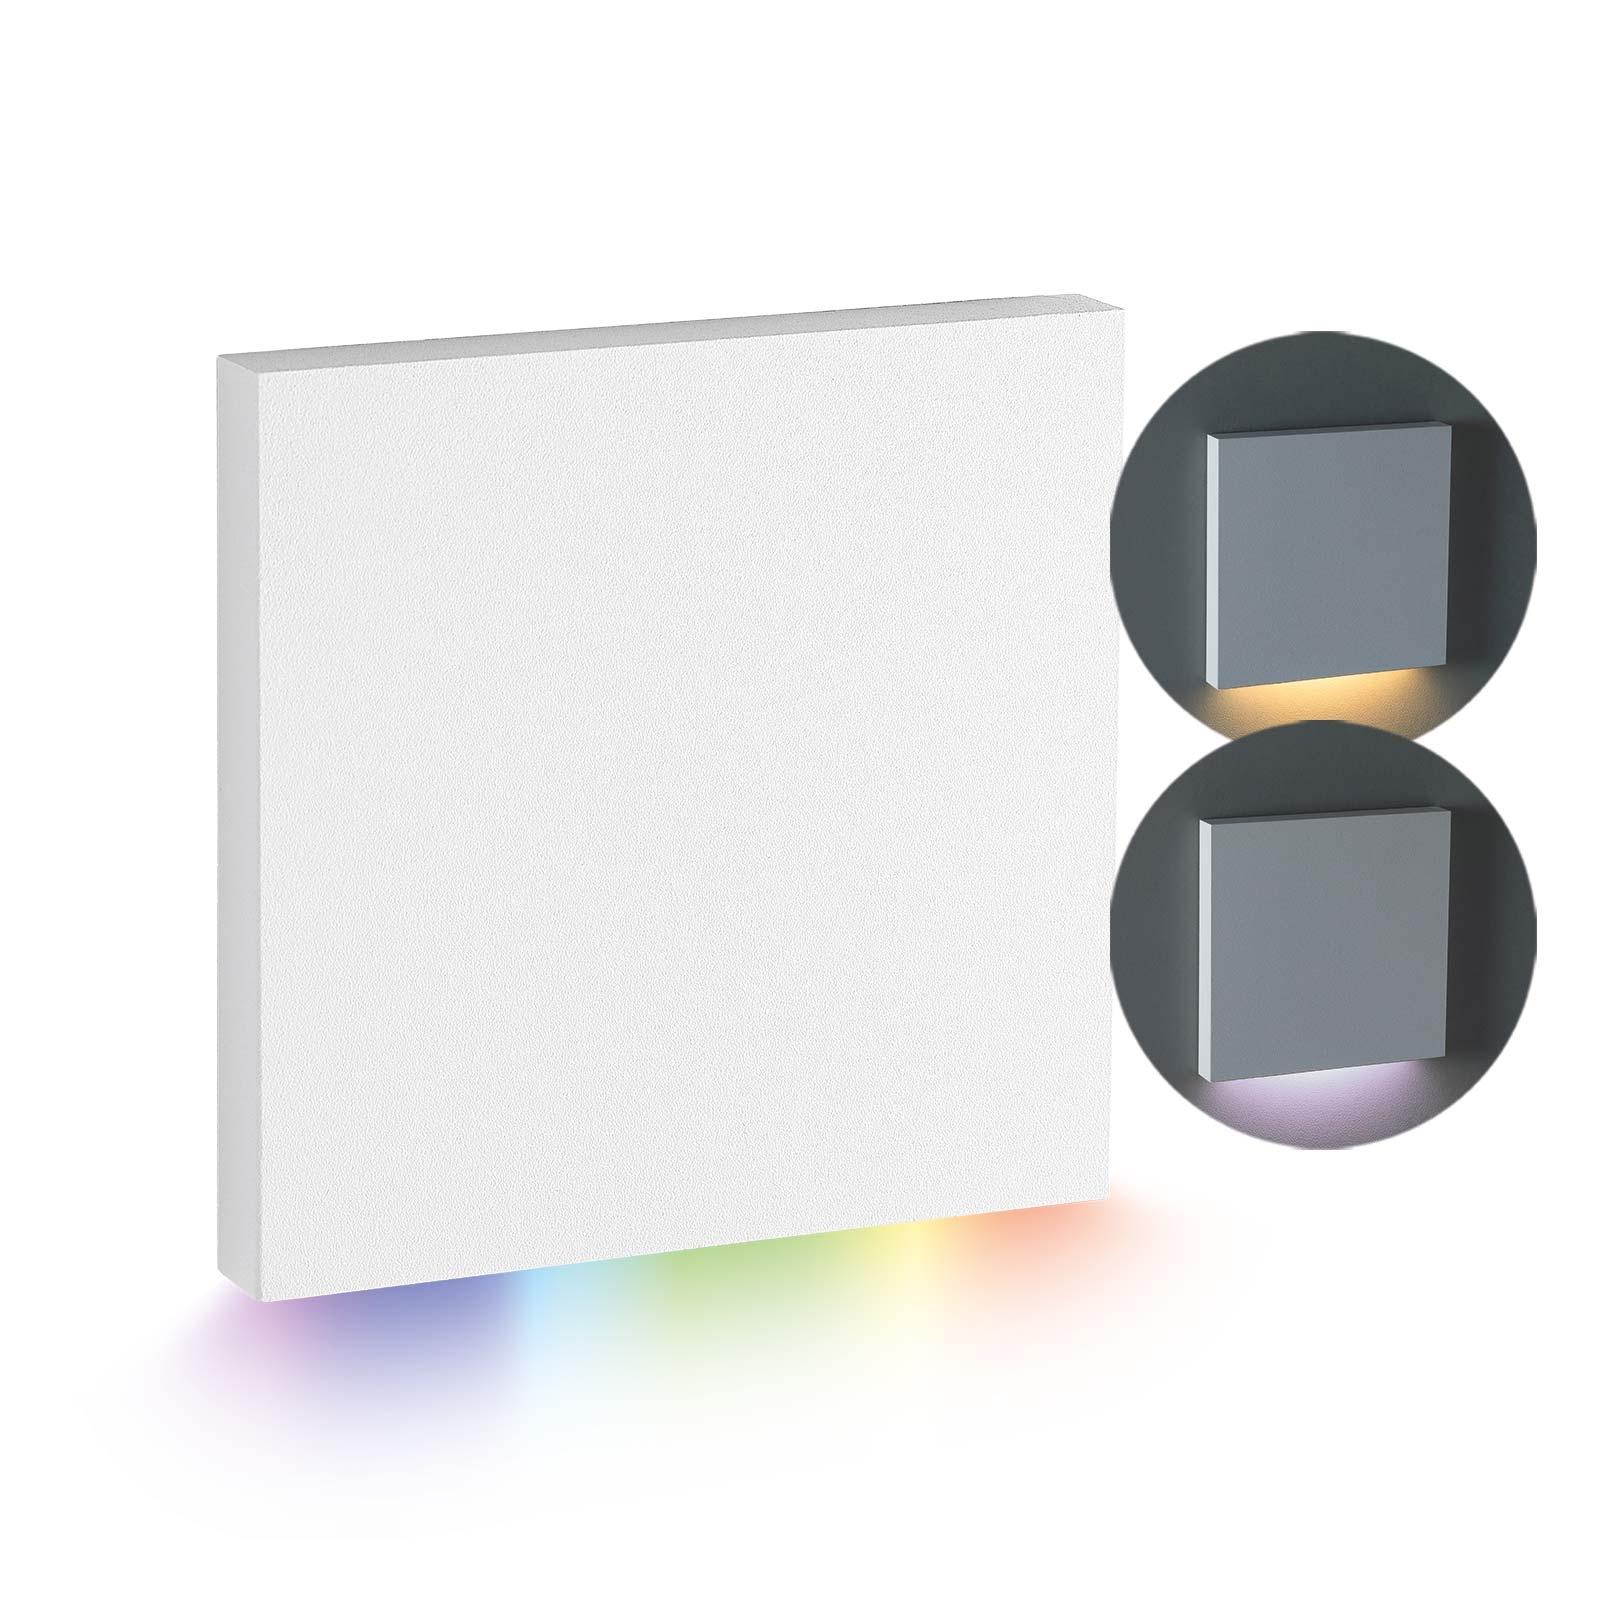 LED Stufenbeleuchtung Oberteil eckig, weiß | Lichtabgabe nach unten